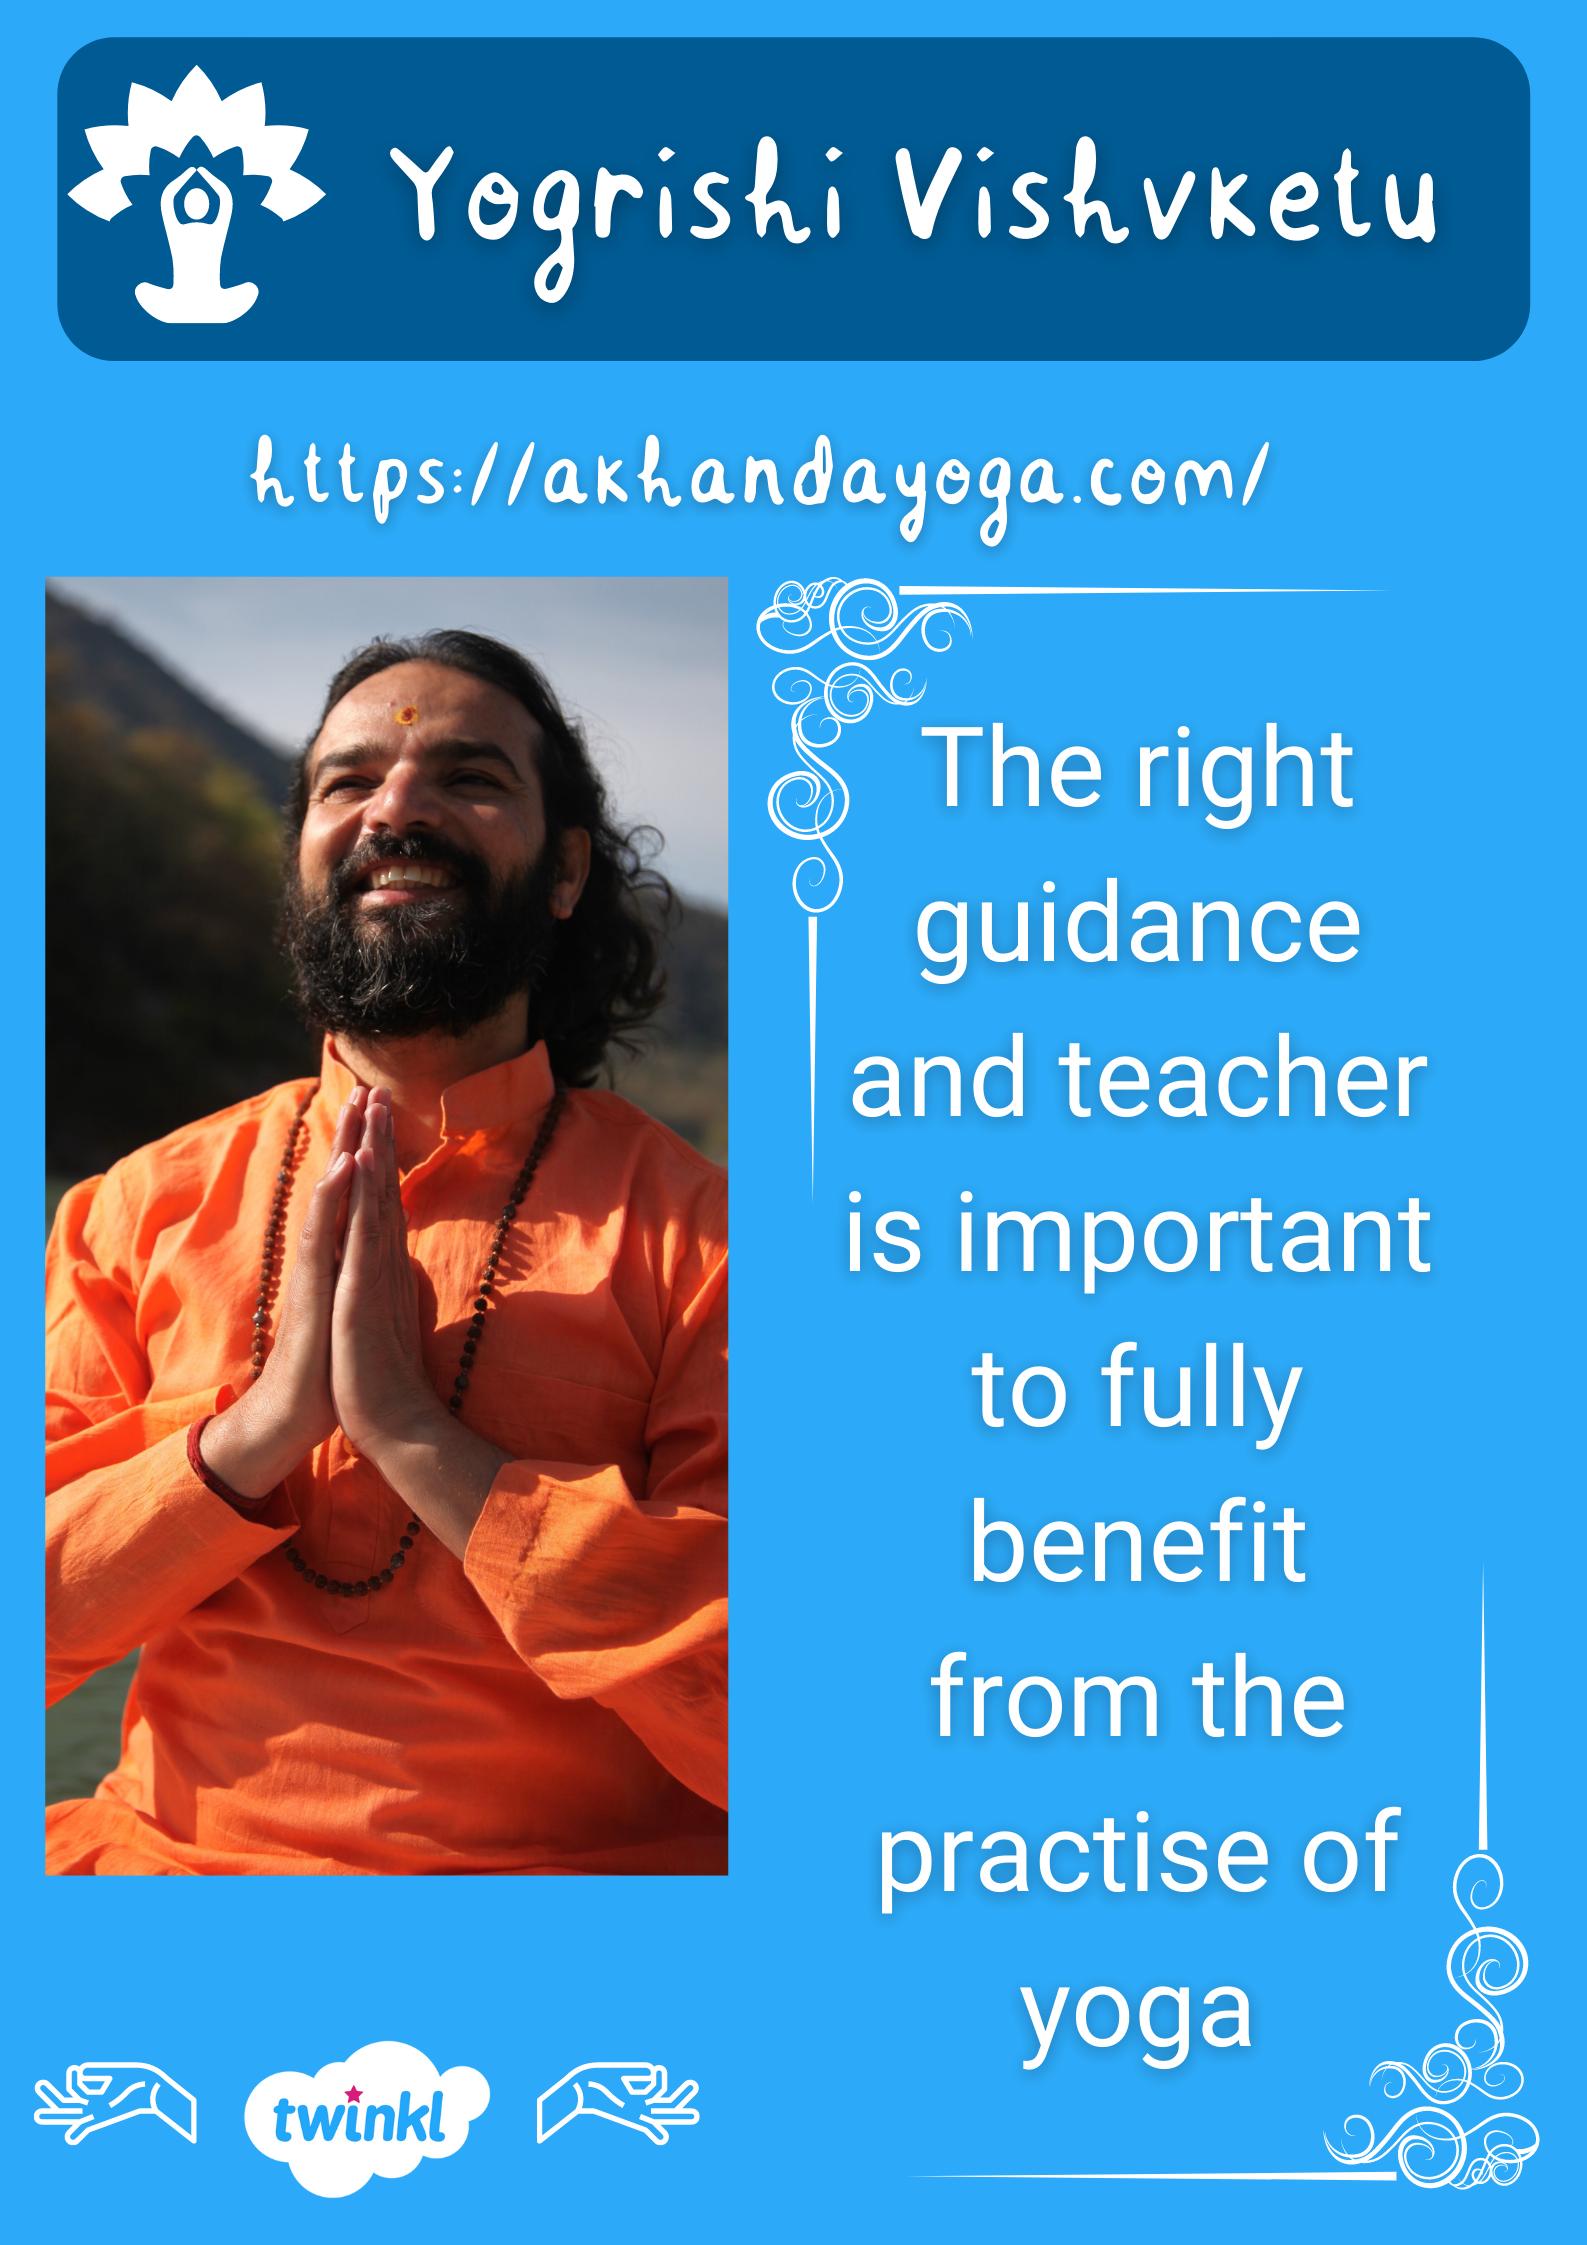 Yogrishi Akhanda yoga institute